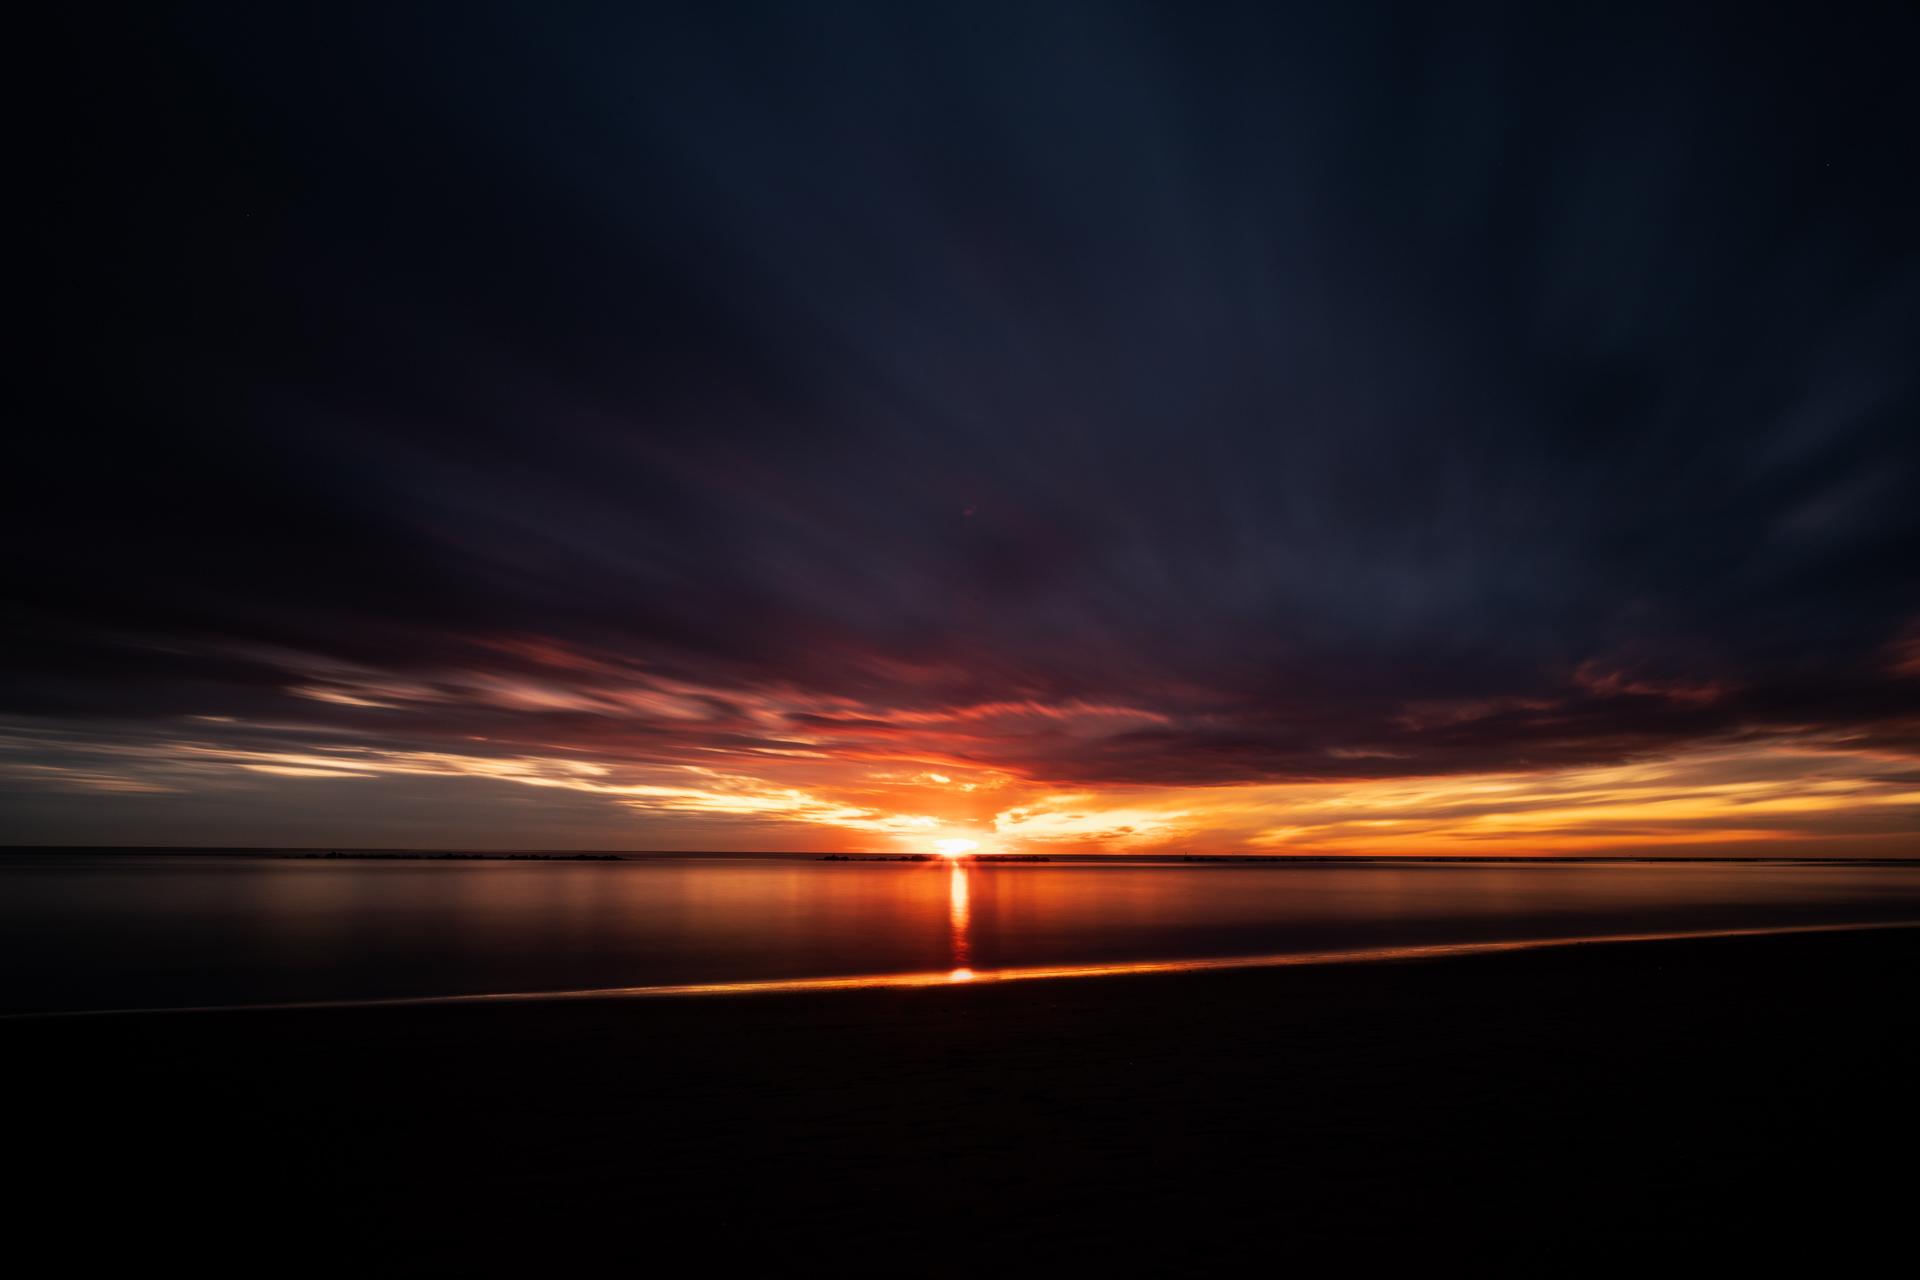 Alba sul mare Adriatico, seascape long exposure photography